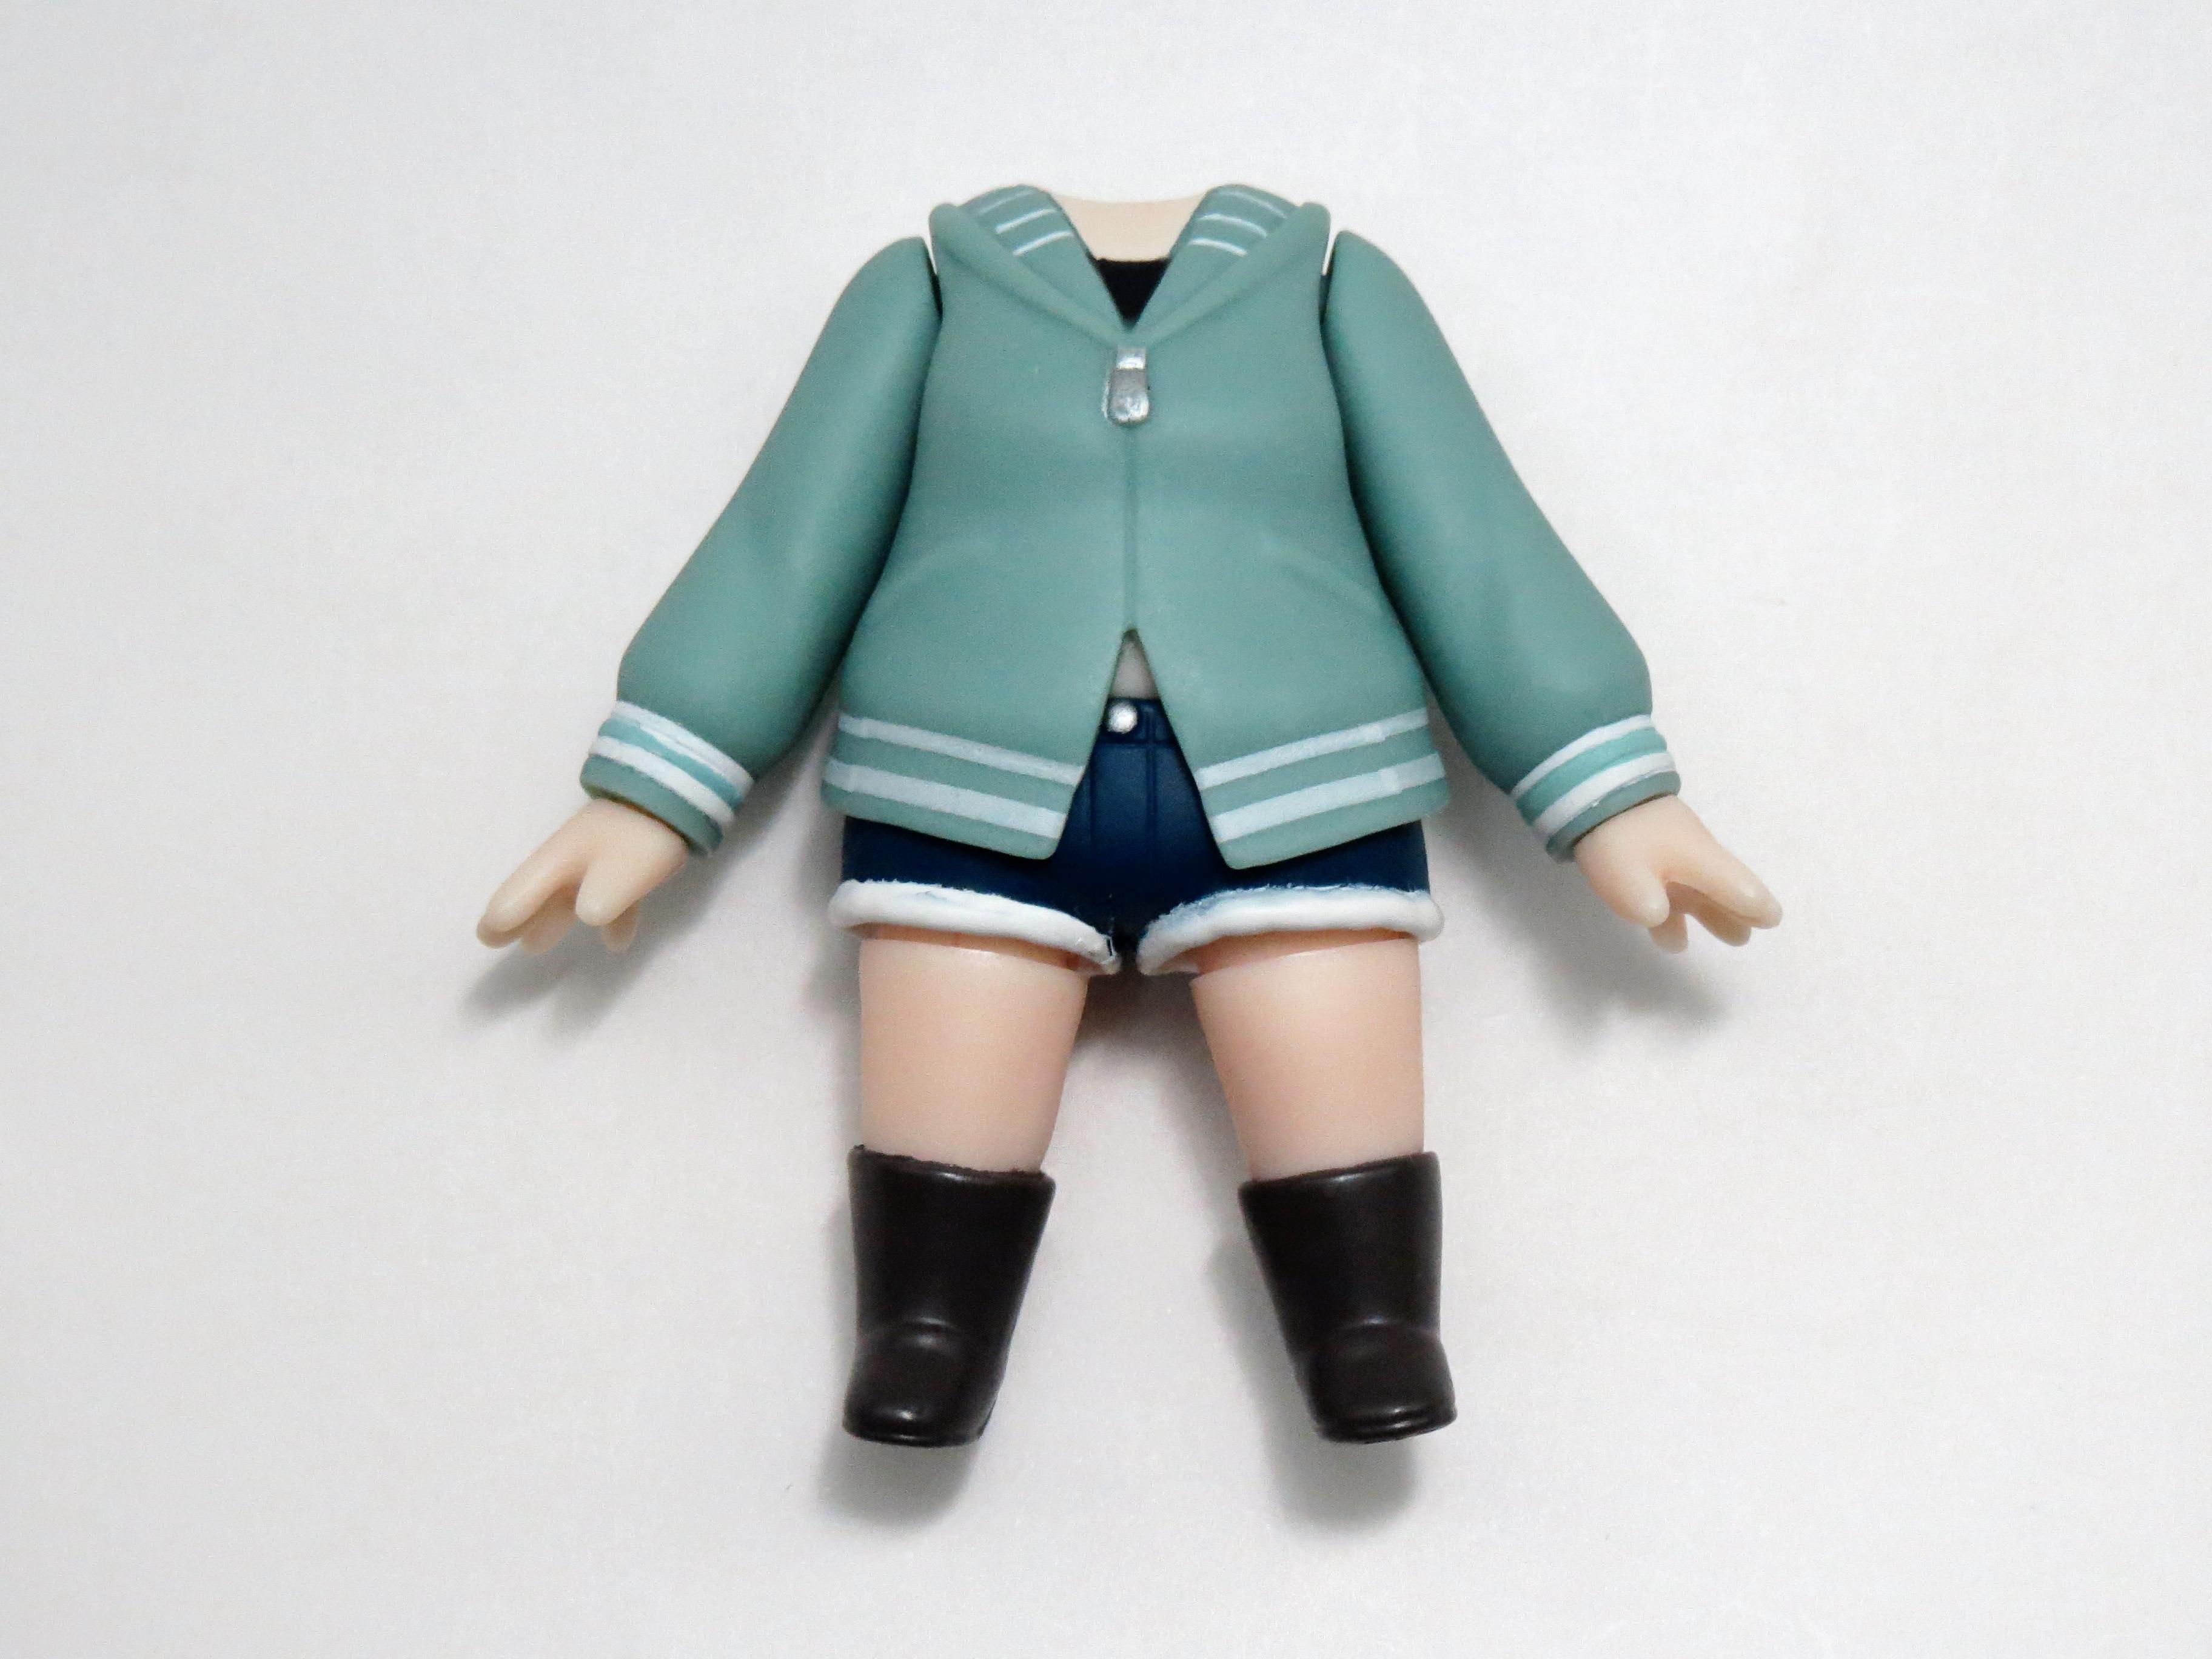 【SALE】【422】 佐倉杏子 私服Ver. 体パーツ 私服 ねんどろいど